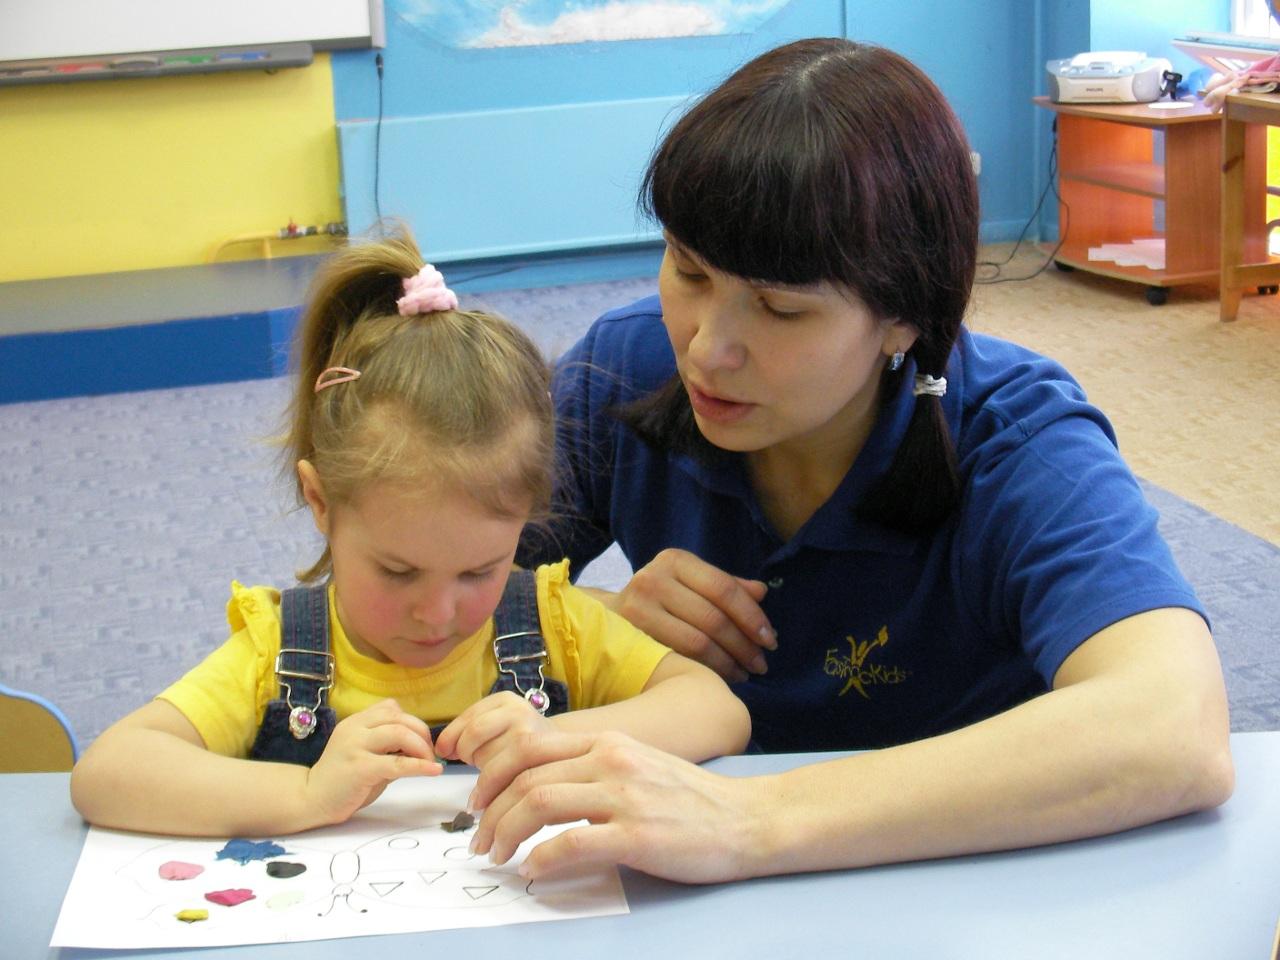 НИИ Соционики. Диагностика детей дошкольного возраста. Невербалика